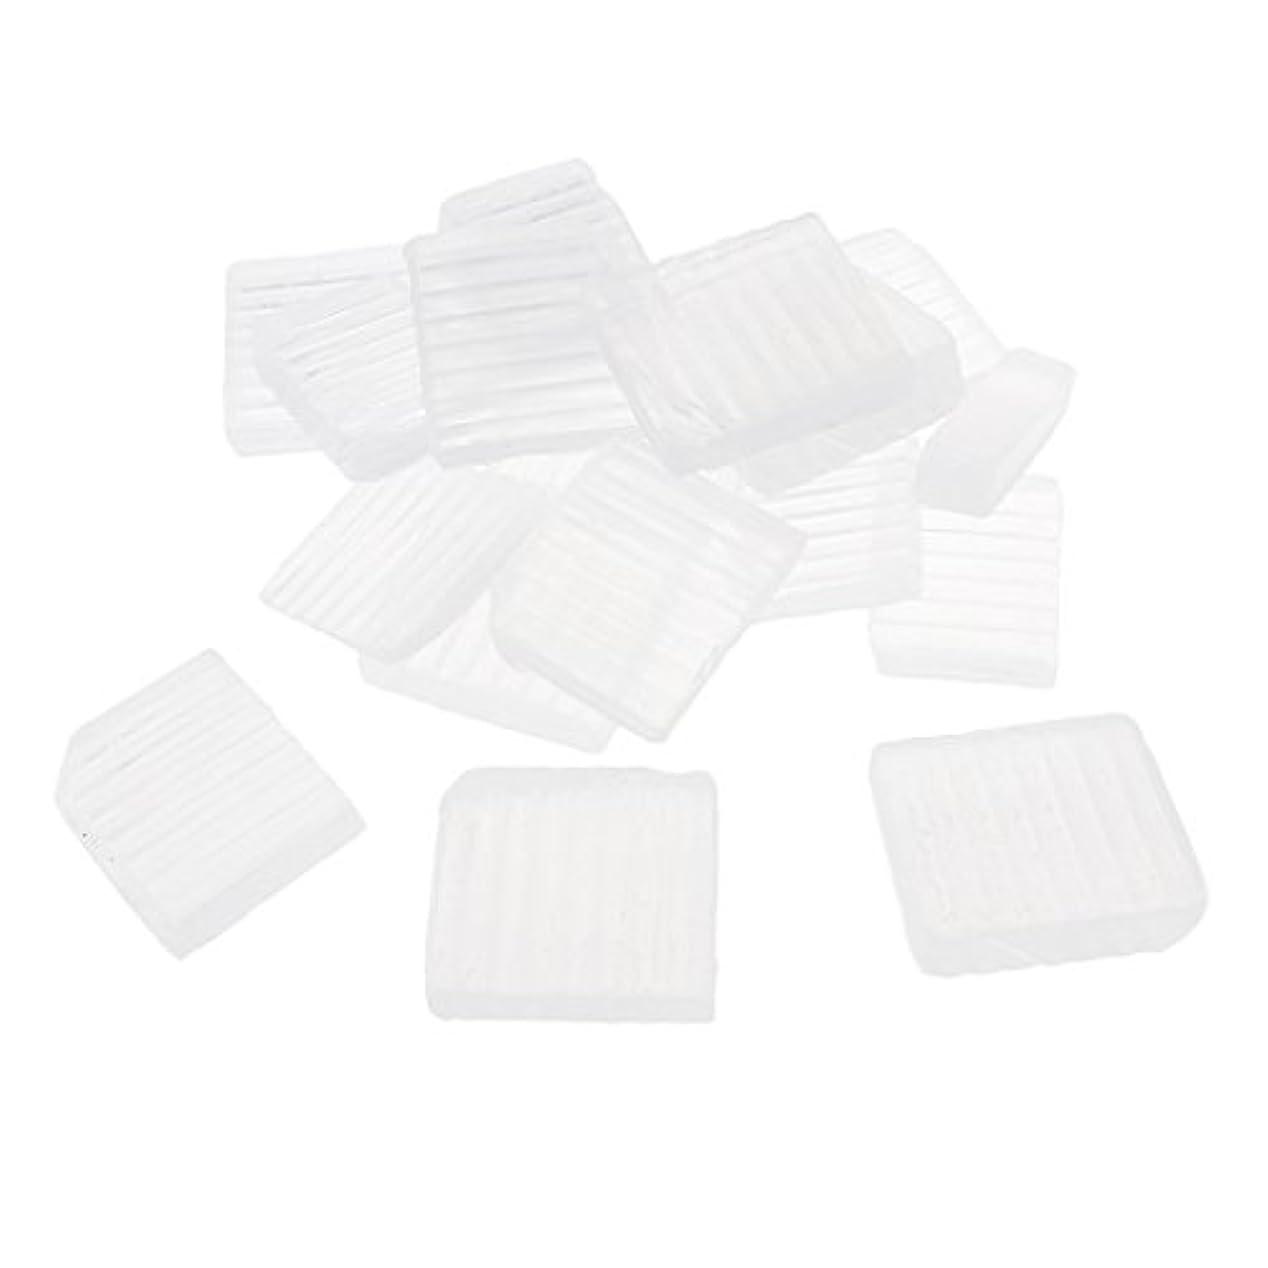 ジャム怒るロースト透明 石鹸ベース DIY 手作り 石鹸 材料 約1 KG DIYギフト